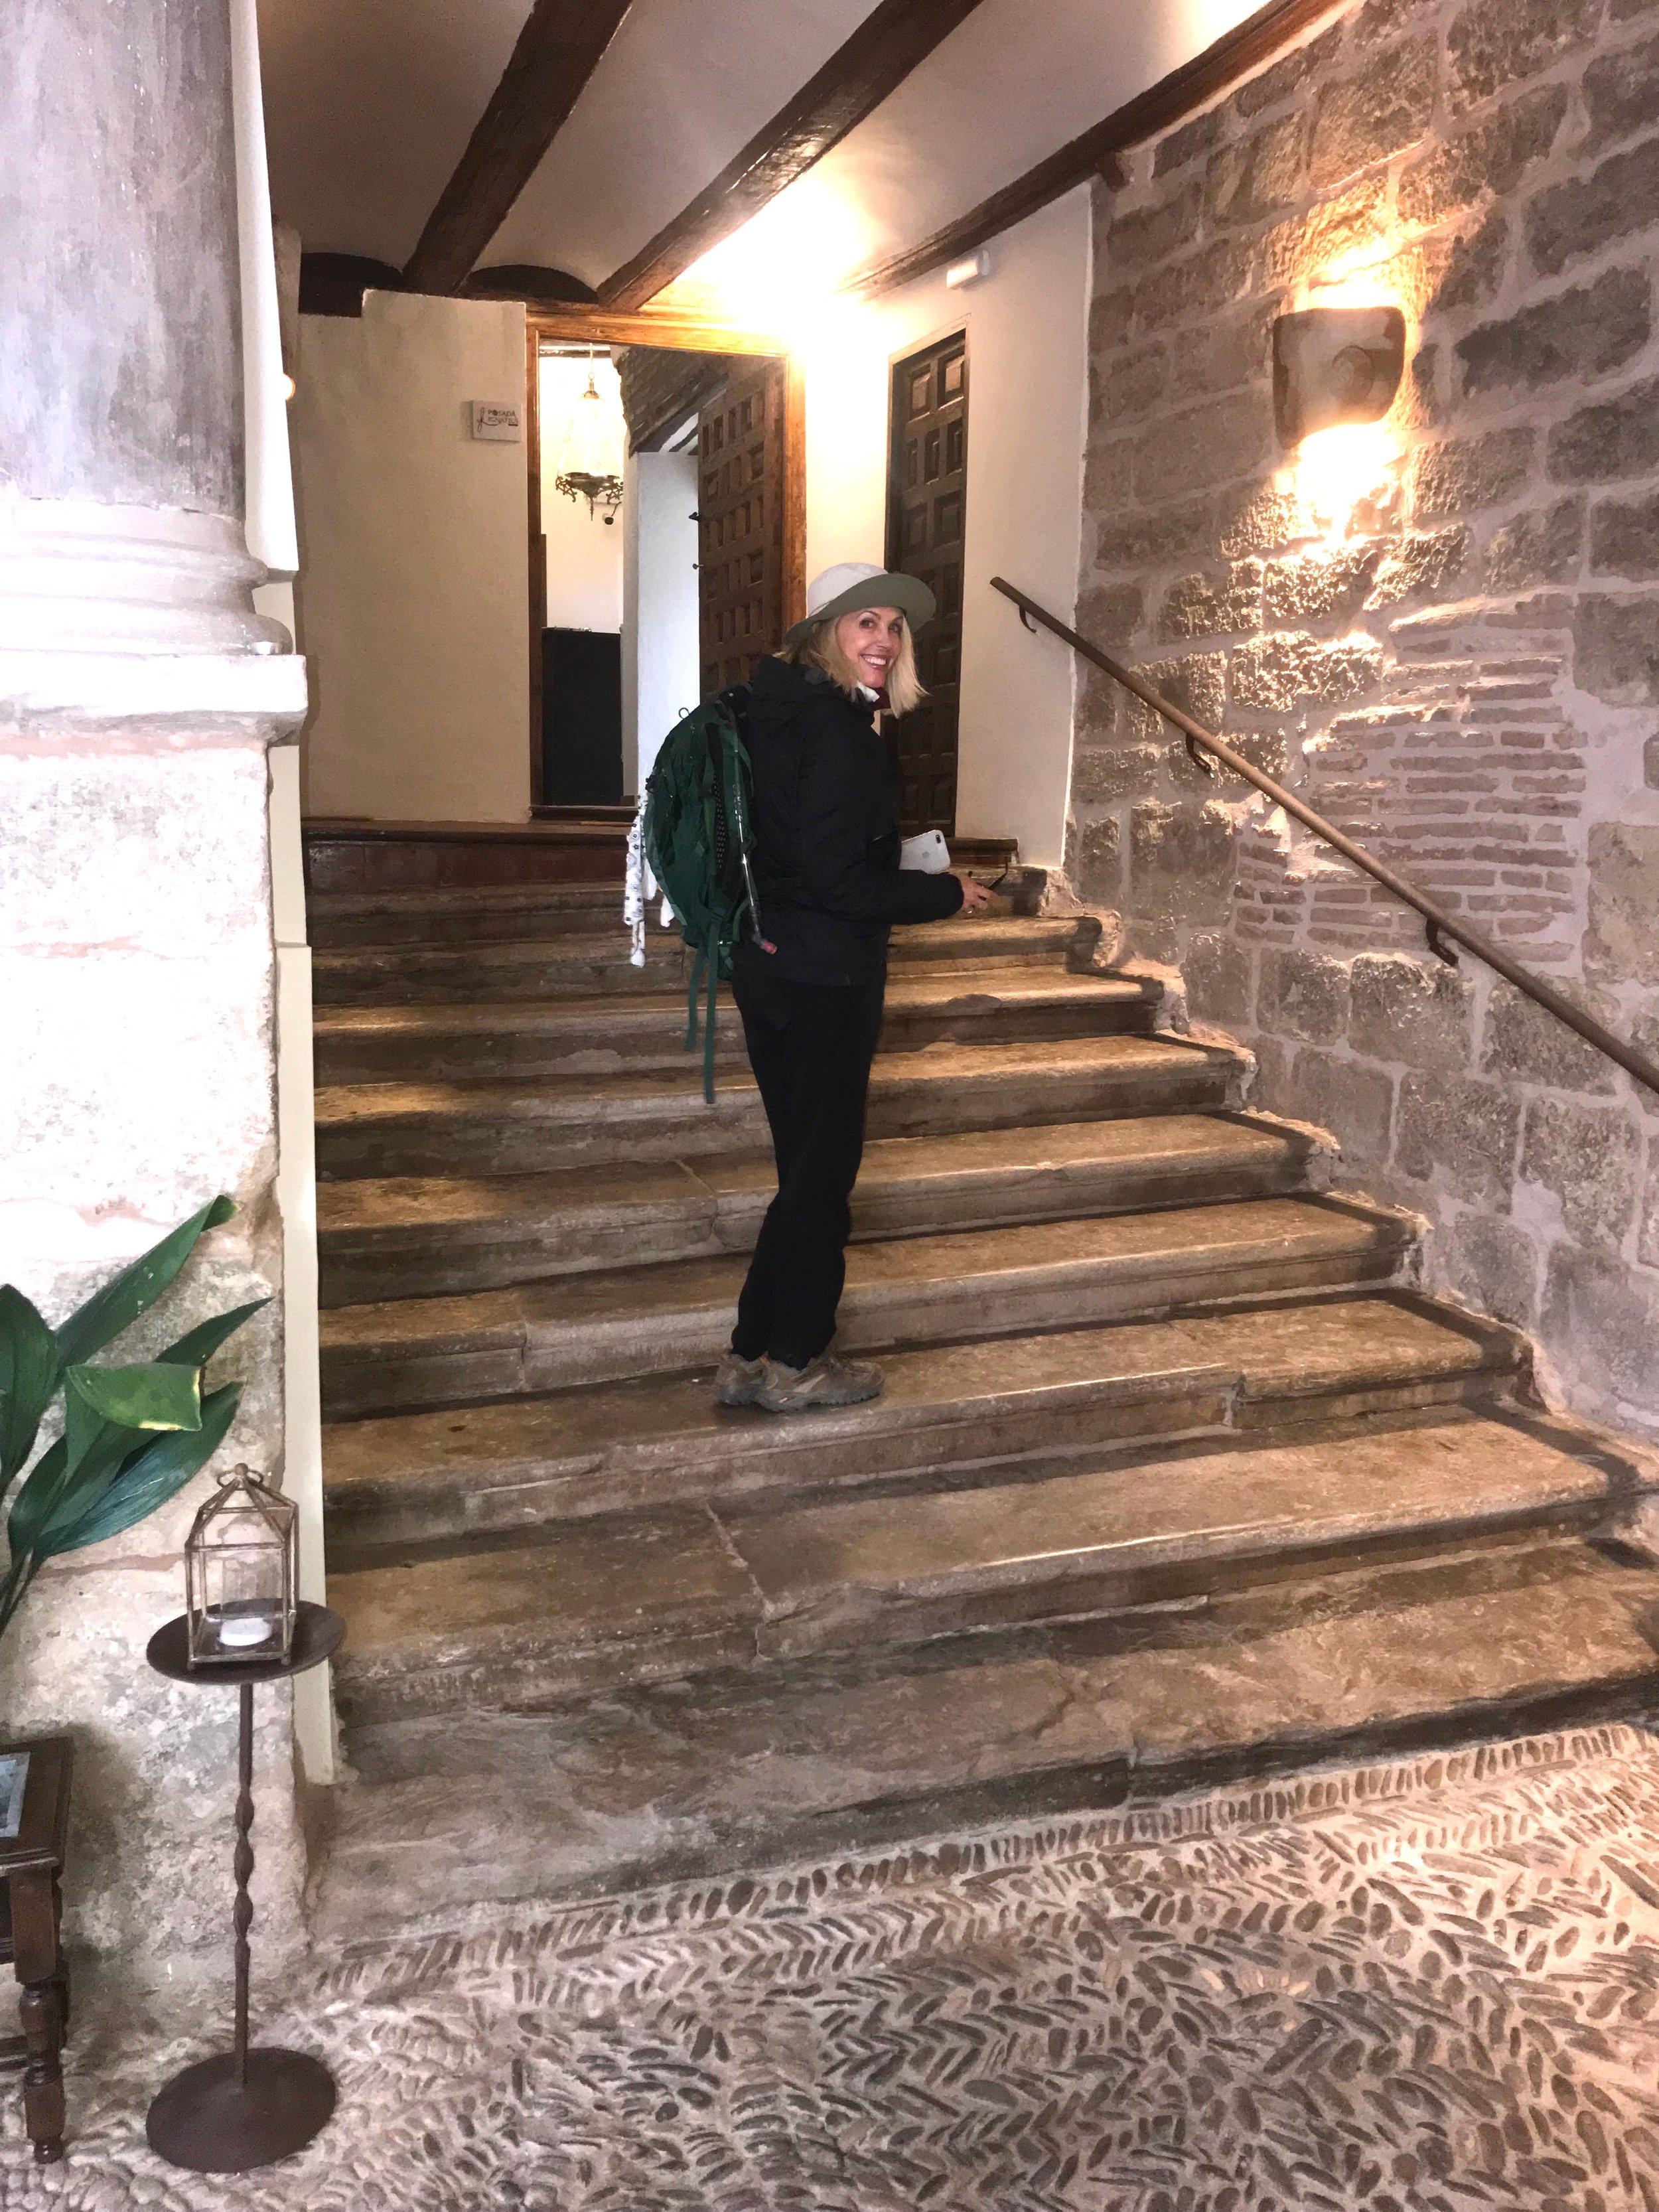 Pensión Posada Ignatius in Navarrete.